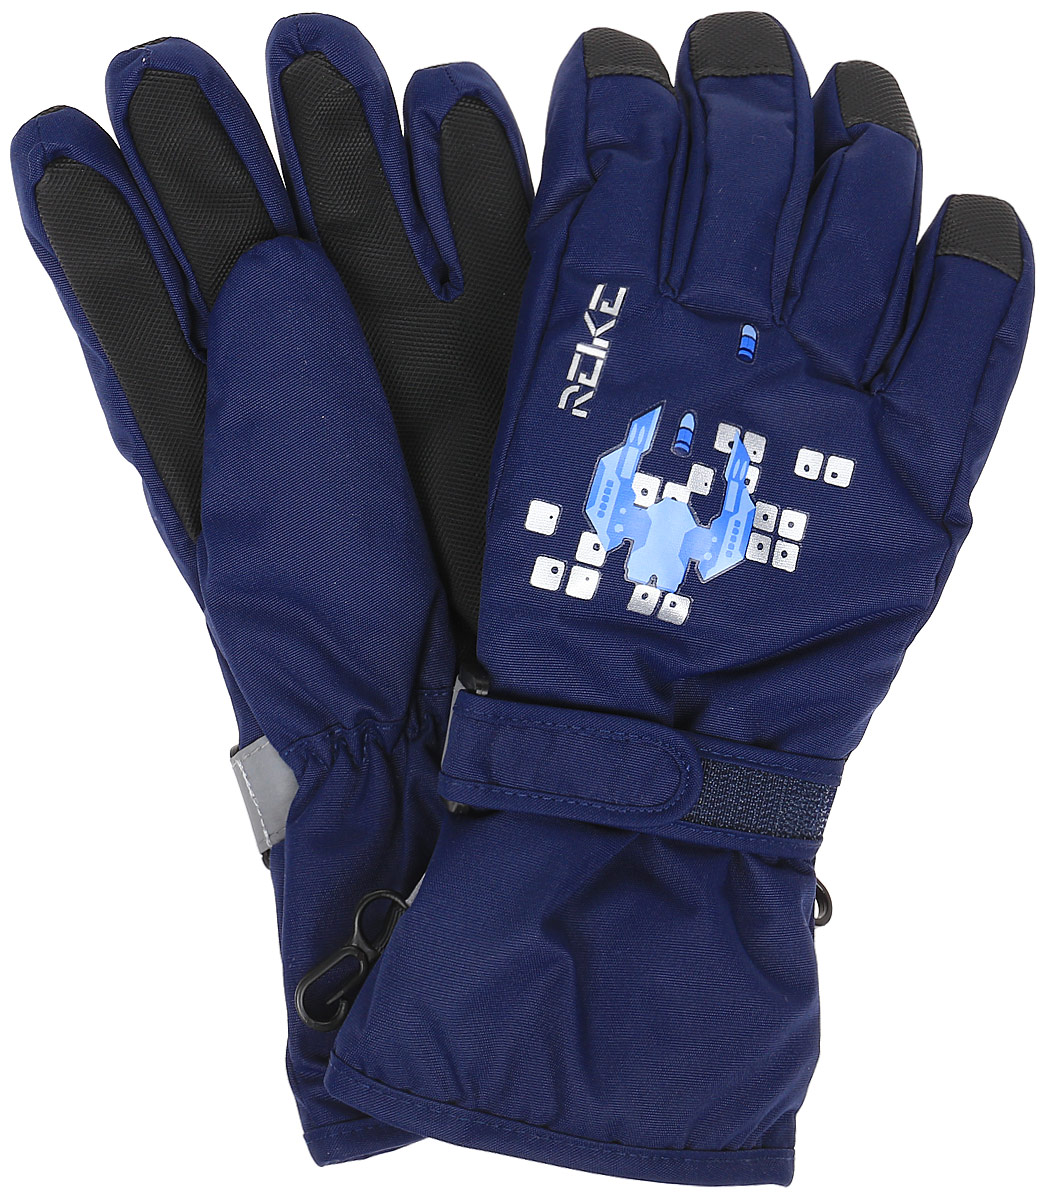 Перчатки для мальчиков Reike, цвет: темно-синий. RW18_GLX navy. Размер 6RW18_GLX navy